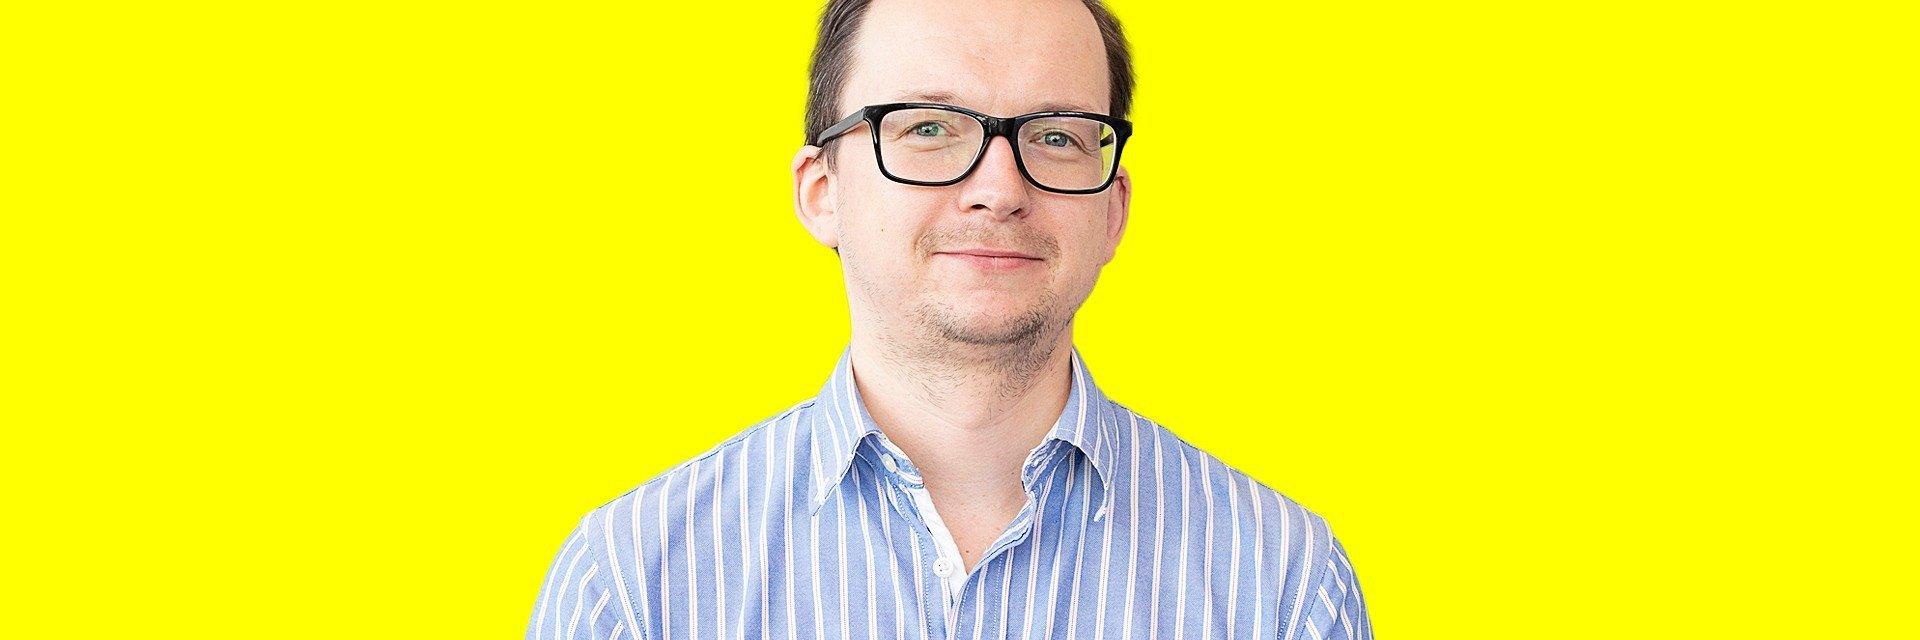 Krzysztof Miazek wzmacnia dział stategii Scholz & Friends Warszawa (Grupa S/F)